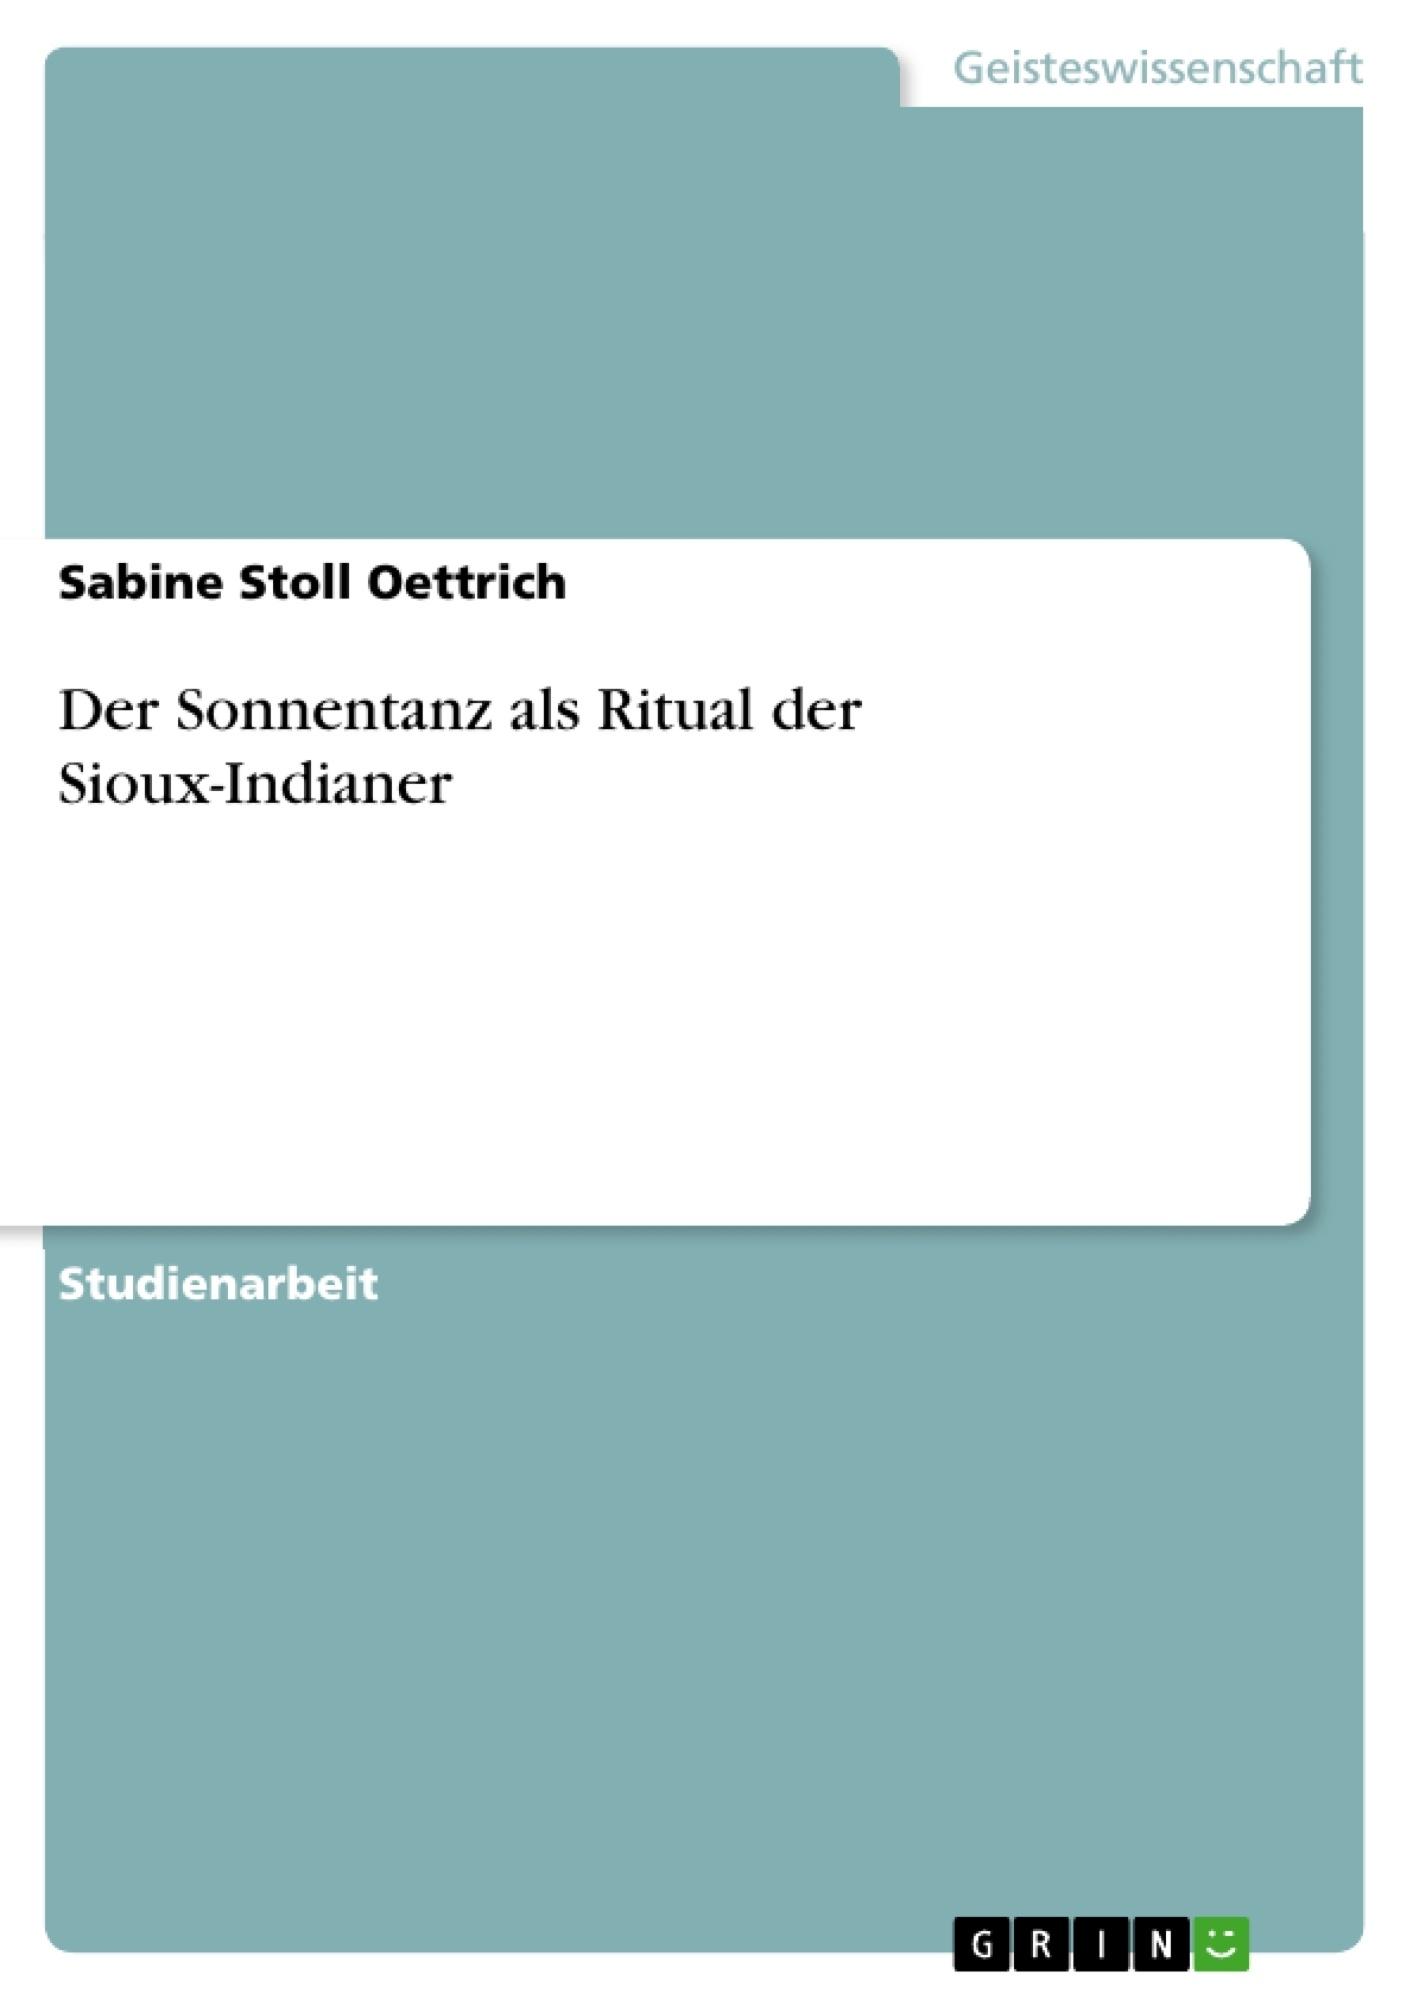 Titel: Der Sonnentanz als Ritual der Sioux-Indianer